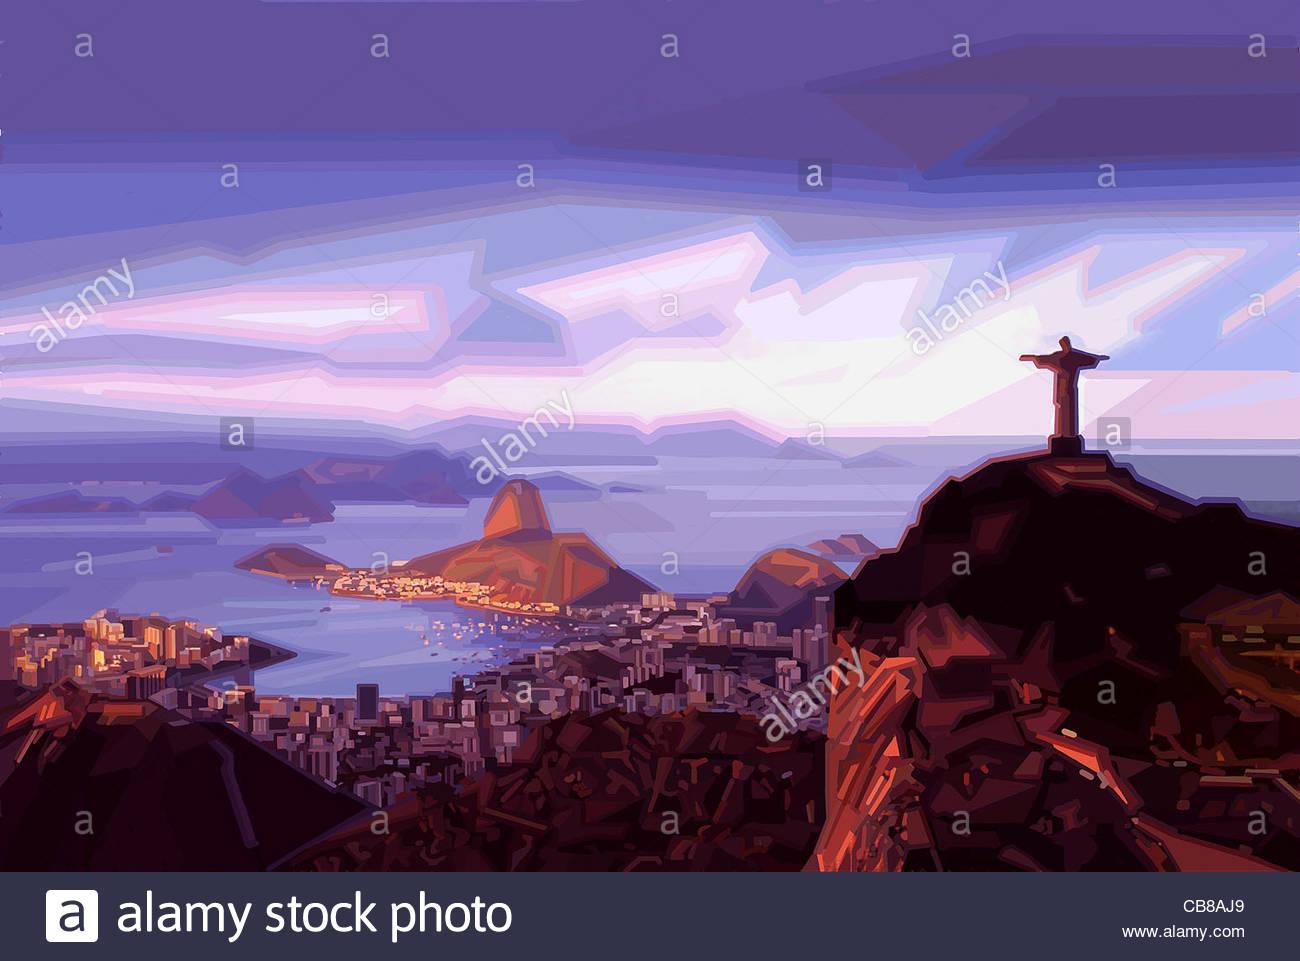 Reihe Stadt Rio de Janeiro Karneval Stadt städtische Urbanität Städte Stadt In Stockfoto